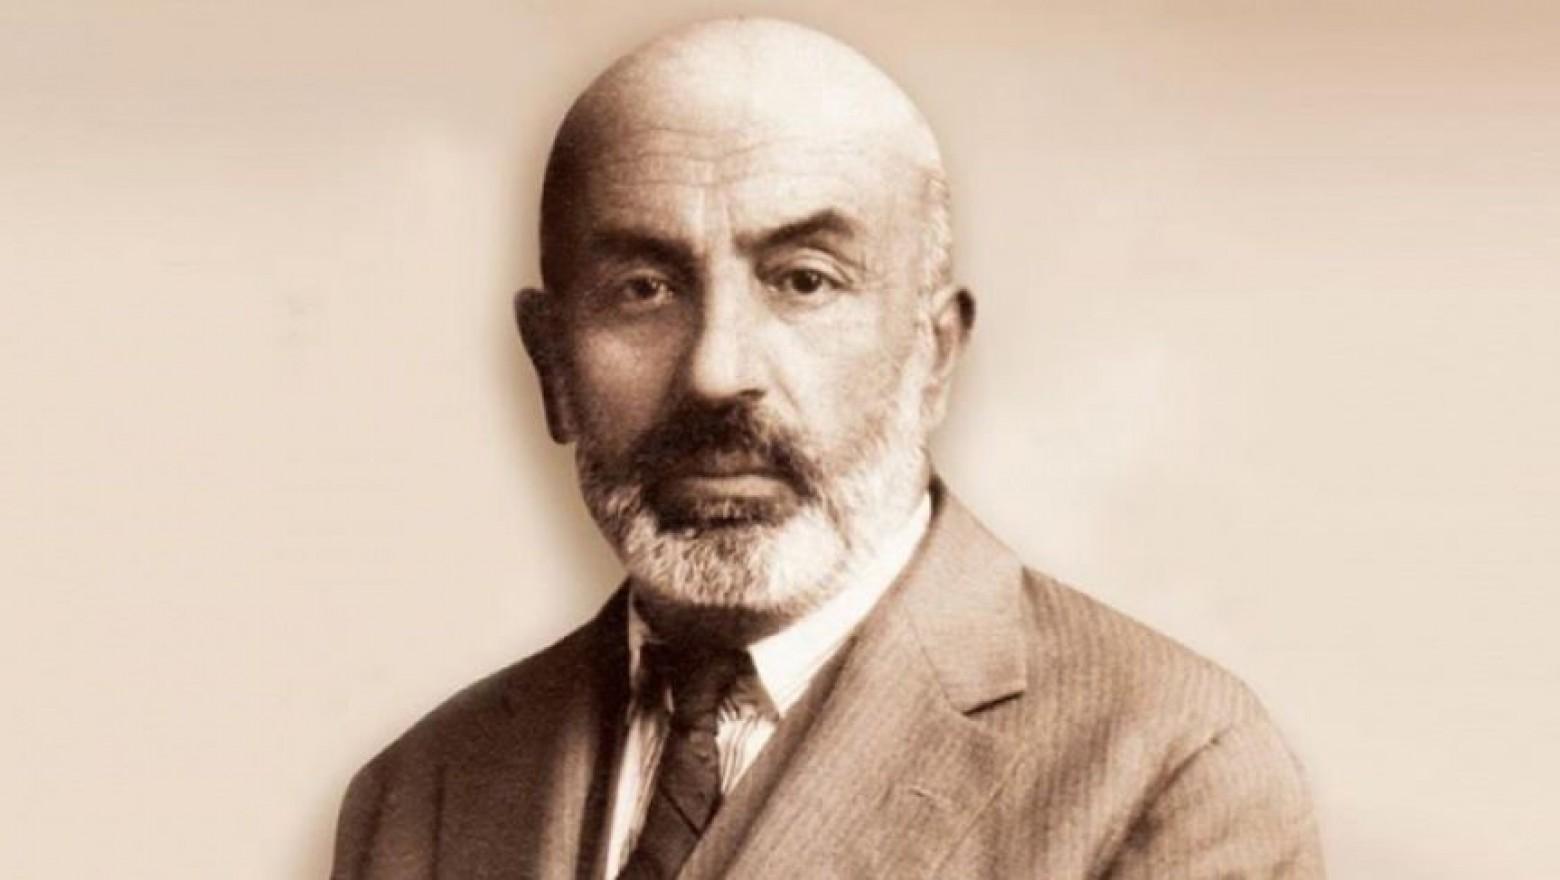 Mehmet akif ersoy hayatı kısaca ile Etiketlenen Konular